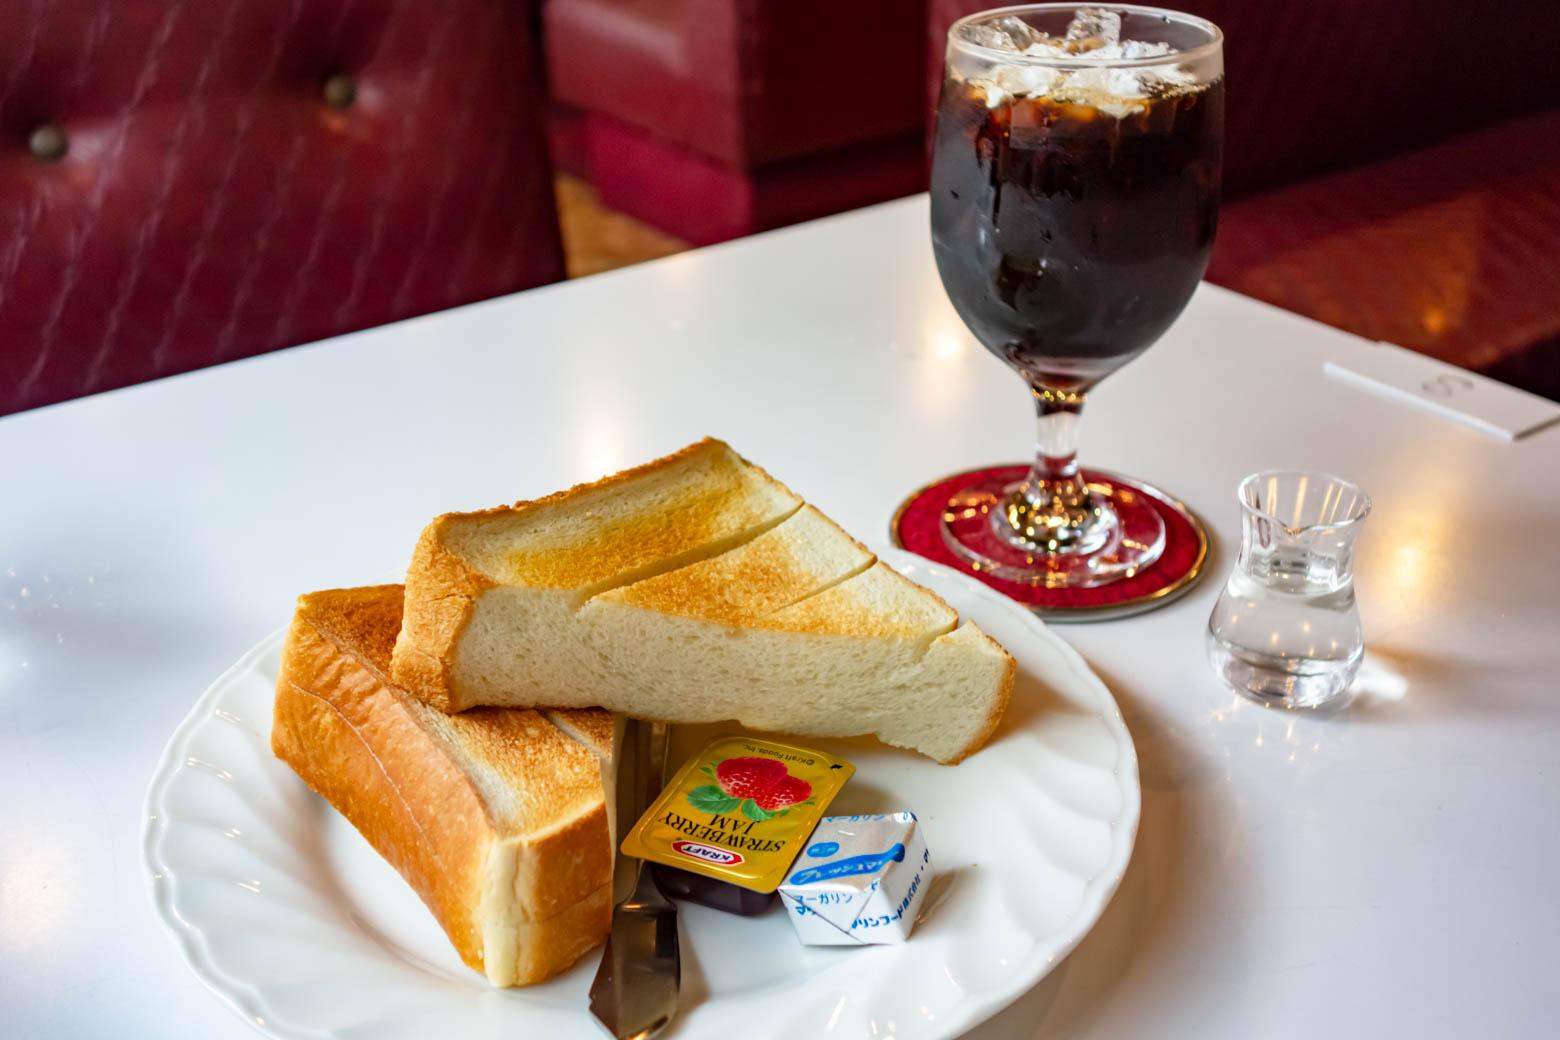 かなり悩んだ末、定番のトーストセットを注文。厚切りで食べごたえがありましたよ。お値段はぴったり500円とリーズナブル。